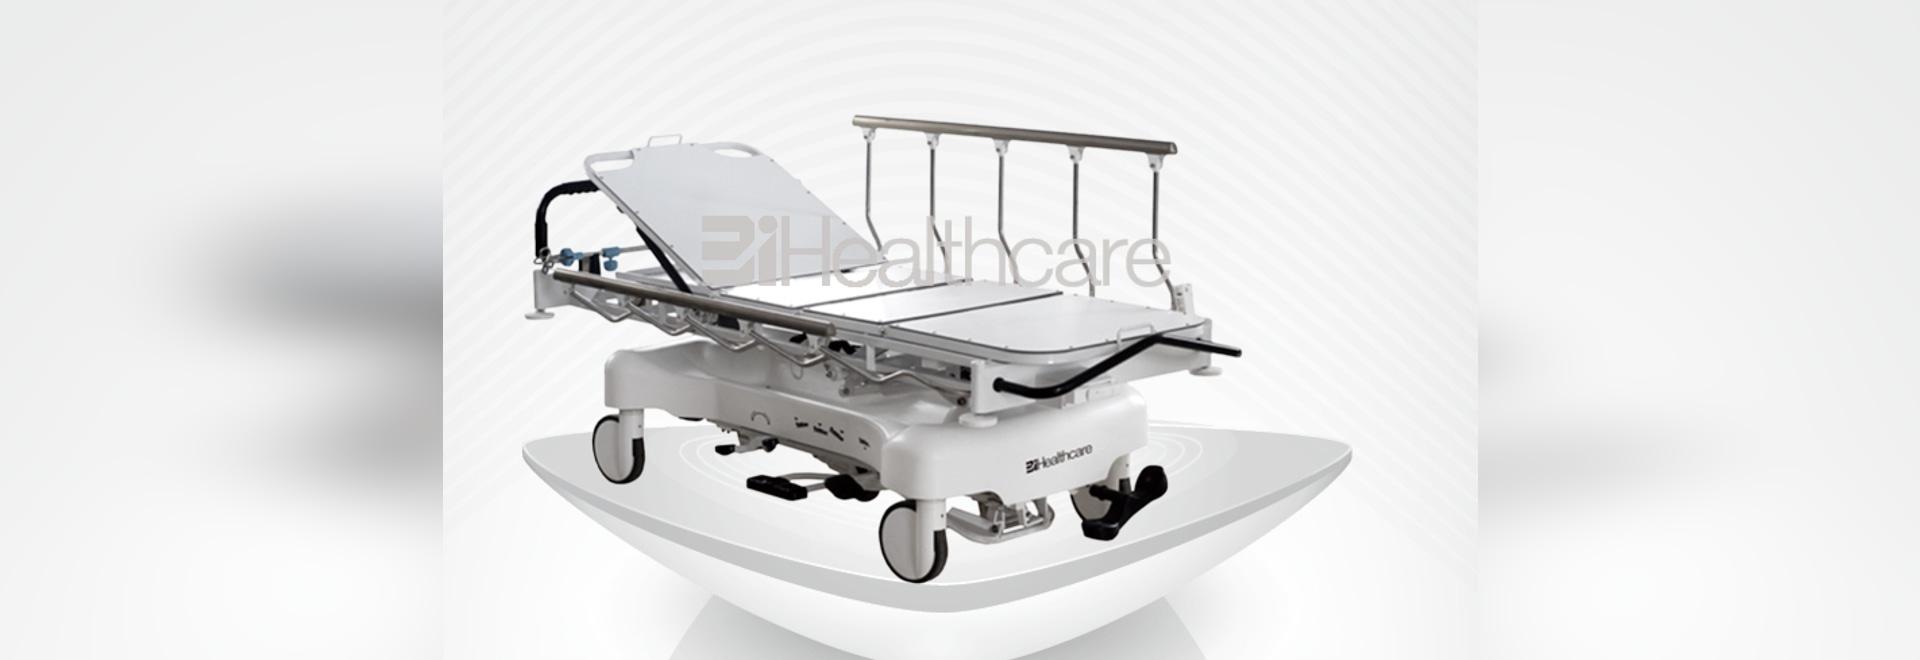 Civière de BiHealthcare pour le rayon X